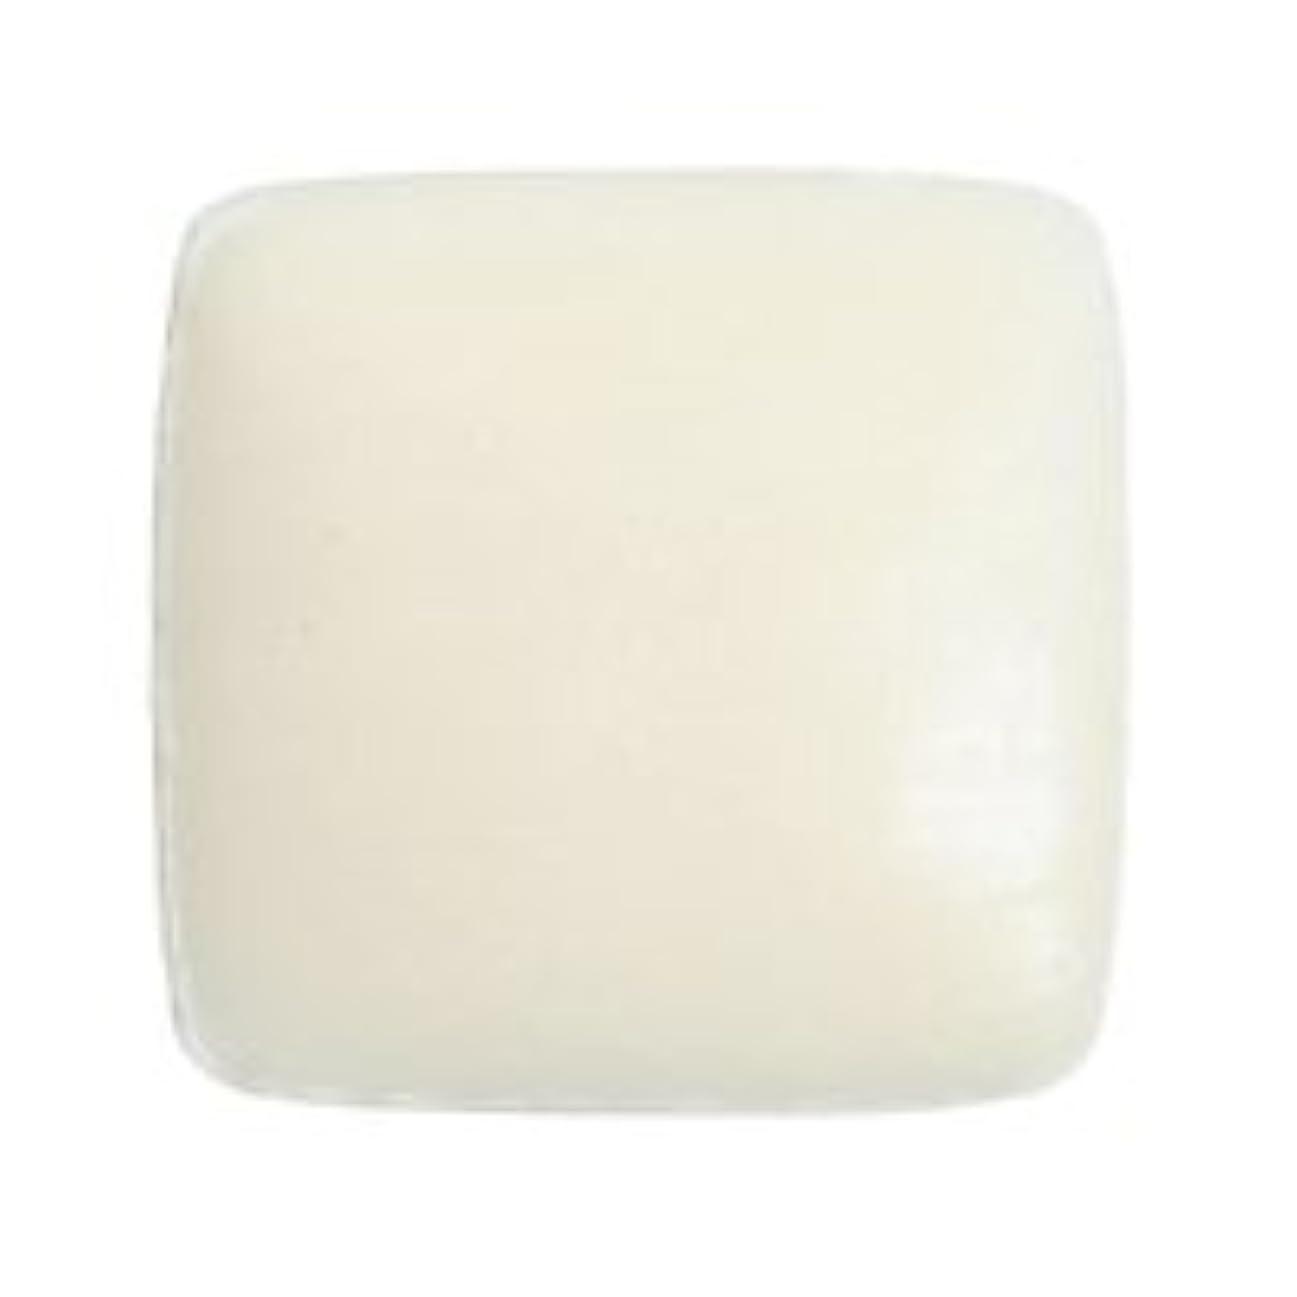 絞る権威つぼみドクターY ホワイトクレイソープ80g 固形石鹸